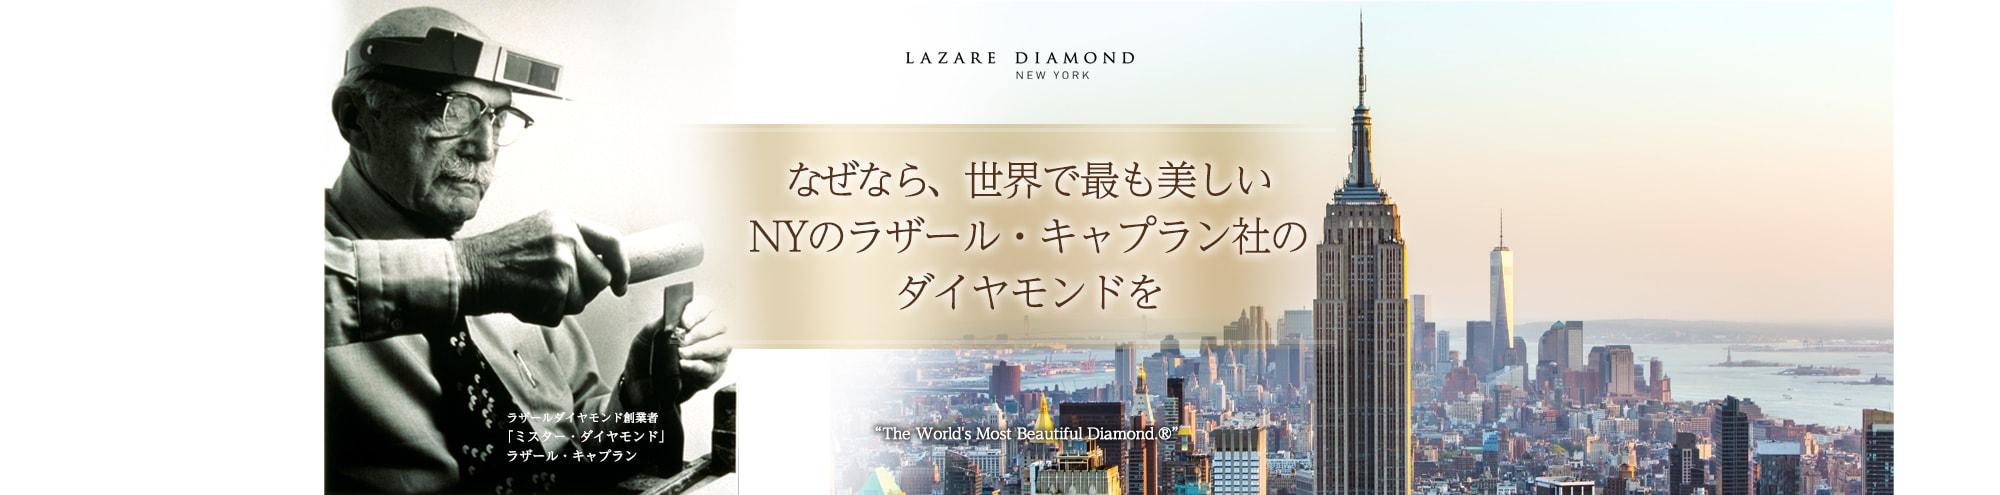 ラザールダイヤモンド社のダイヤモンドを更に選び抜く宝石店